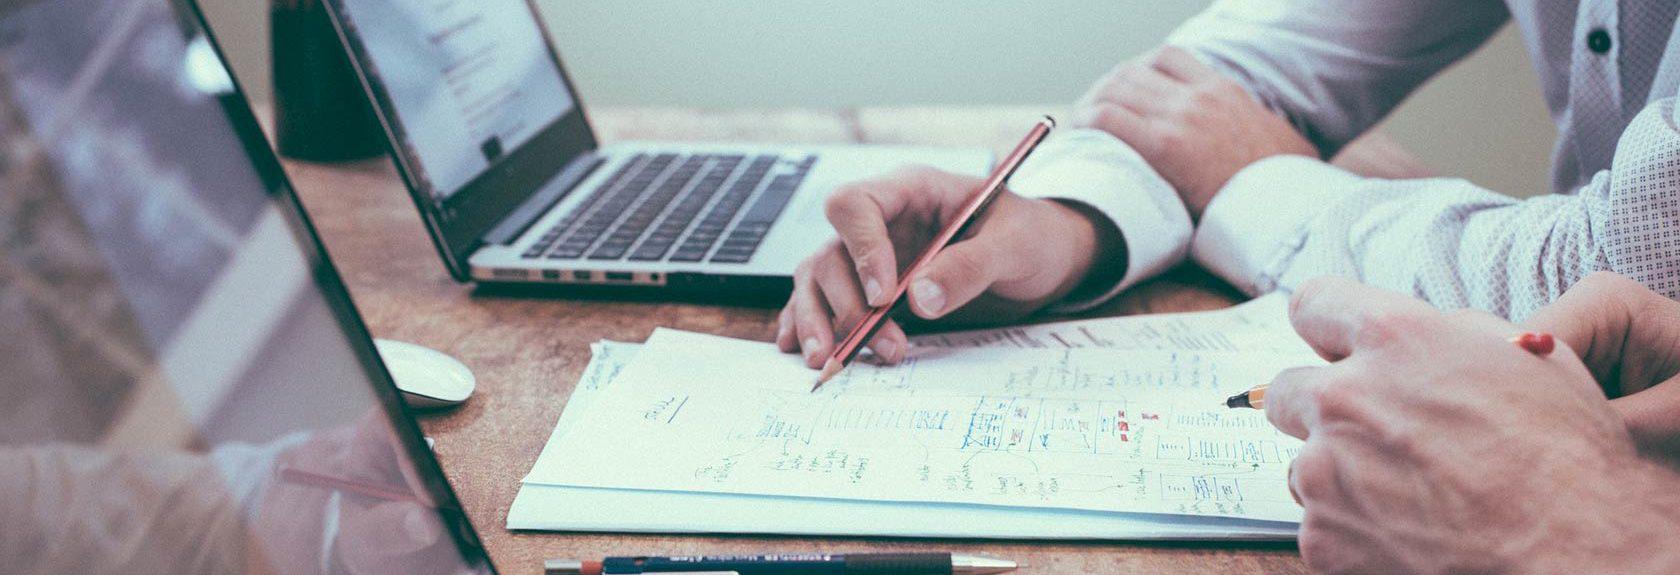 viarossi.it - strategie web marketing